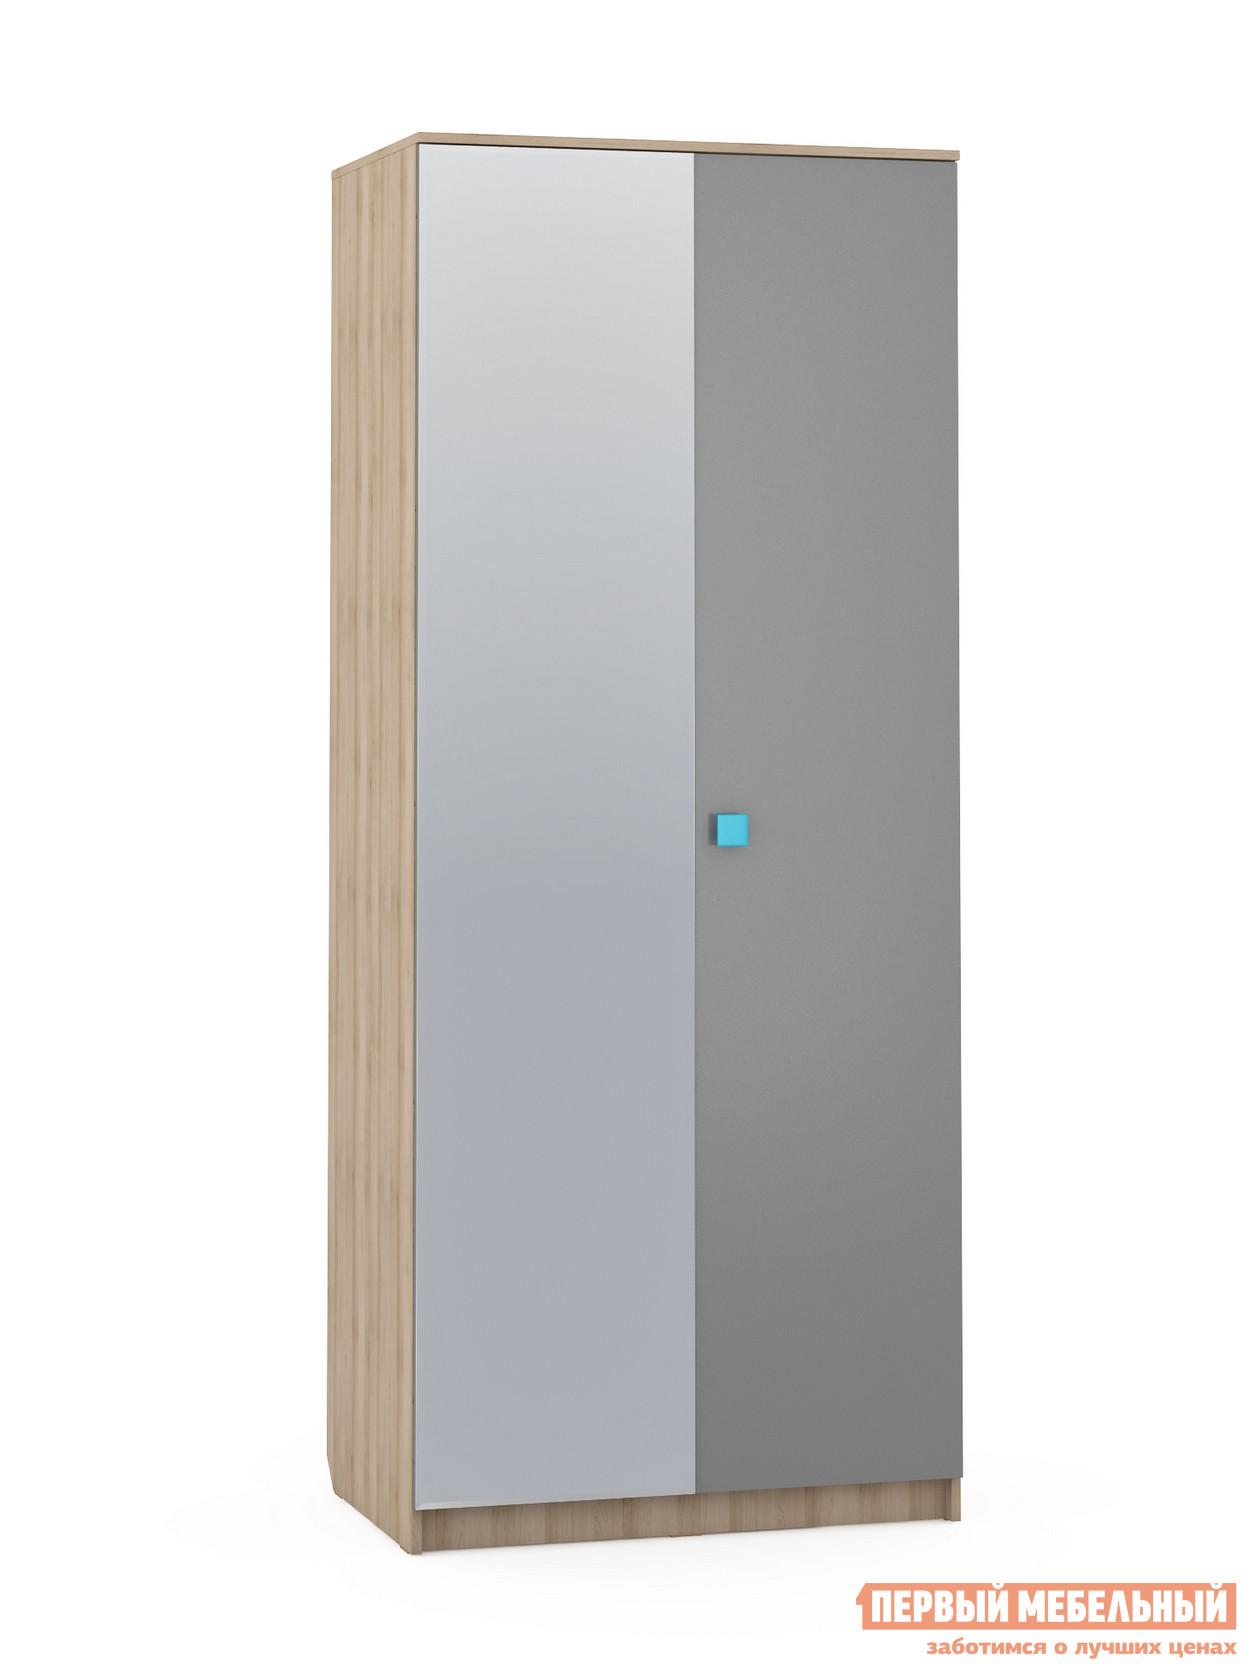 Шкаф детский Первый Мебельный Доминика 451/02 К Шкаф 2-х дверный цена